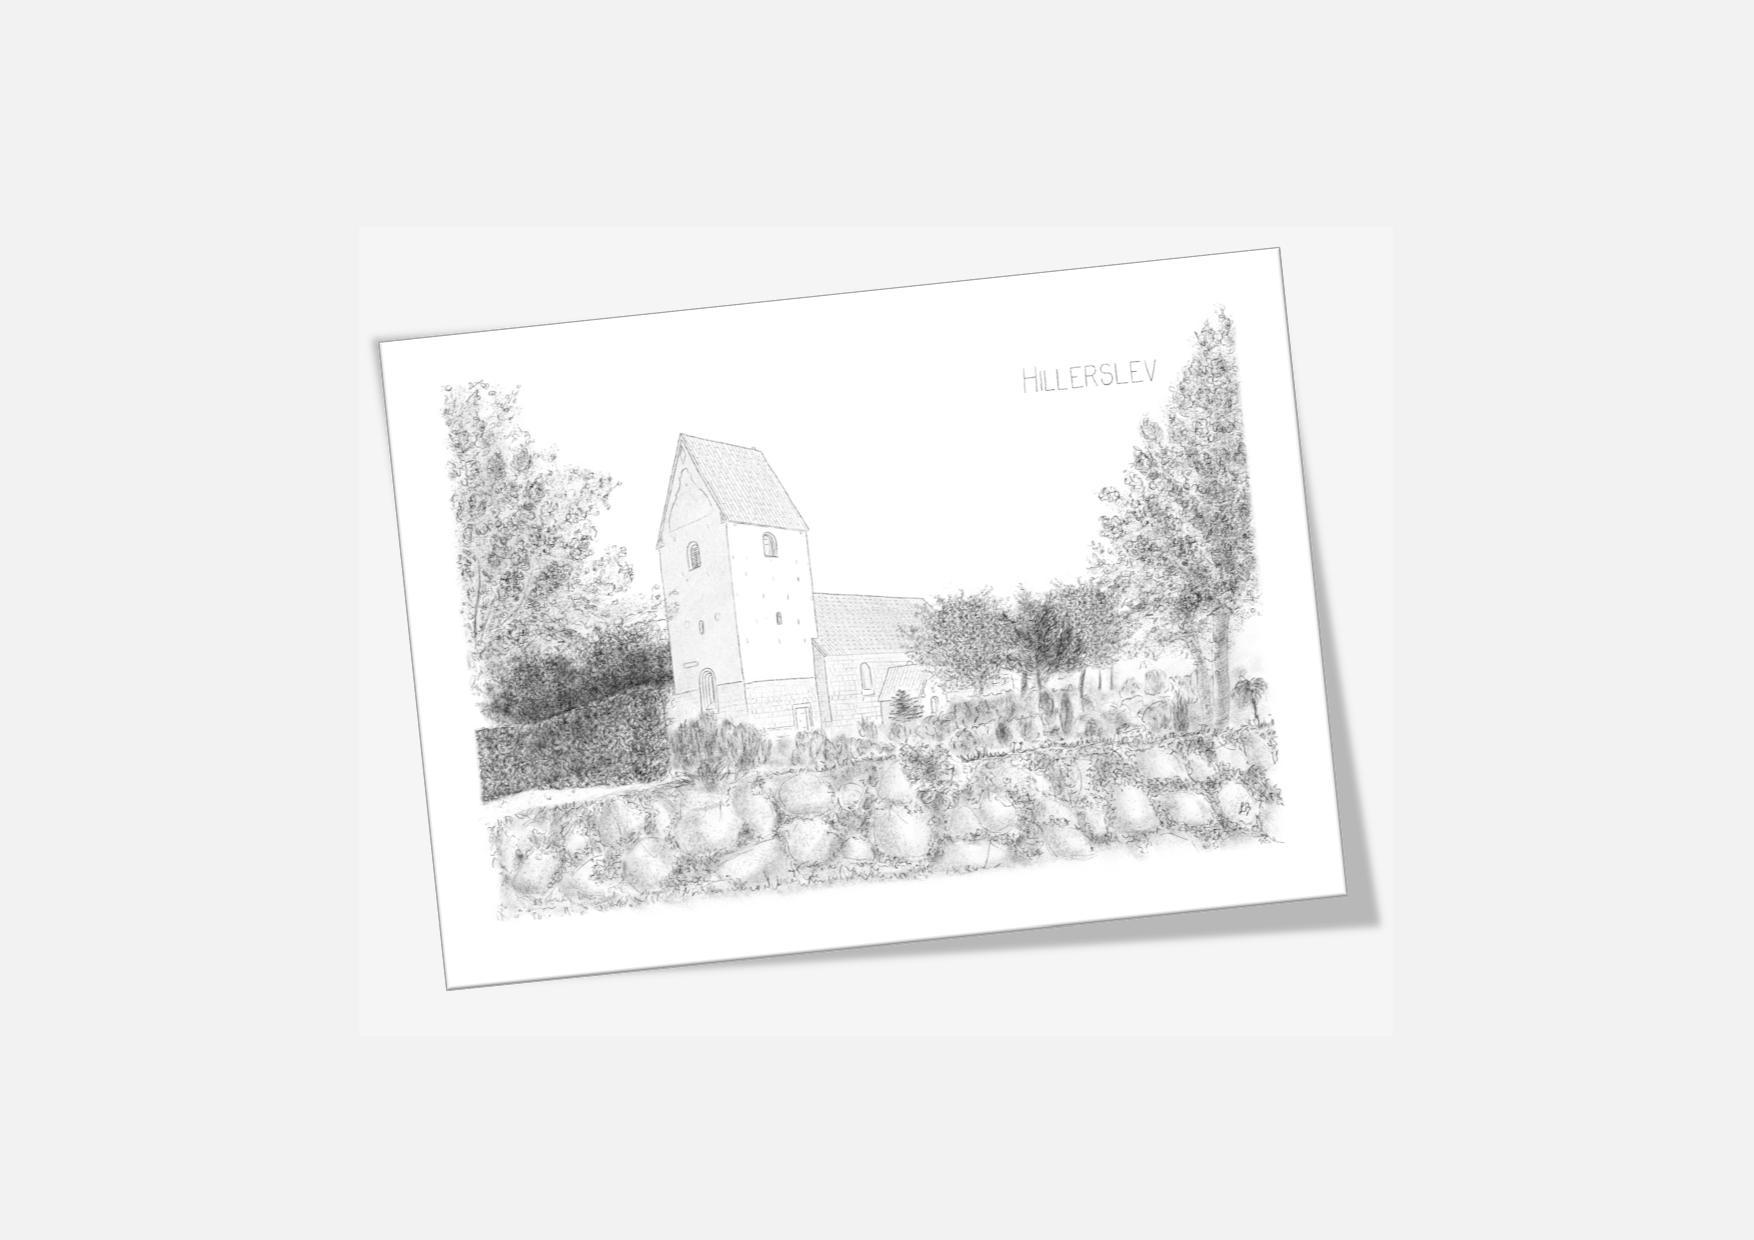 Varebillede Hillerslev Kirke kort - tegnet af Kreative Lise